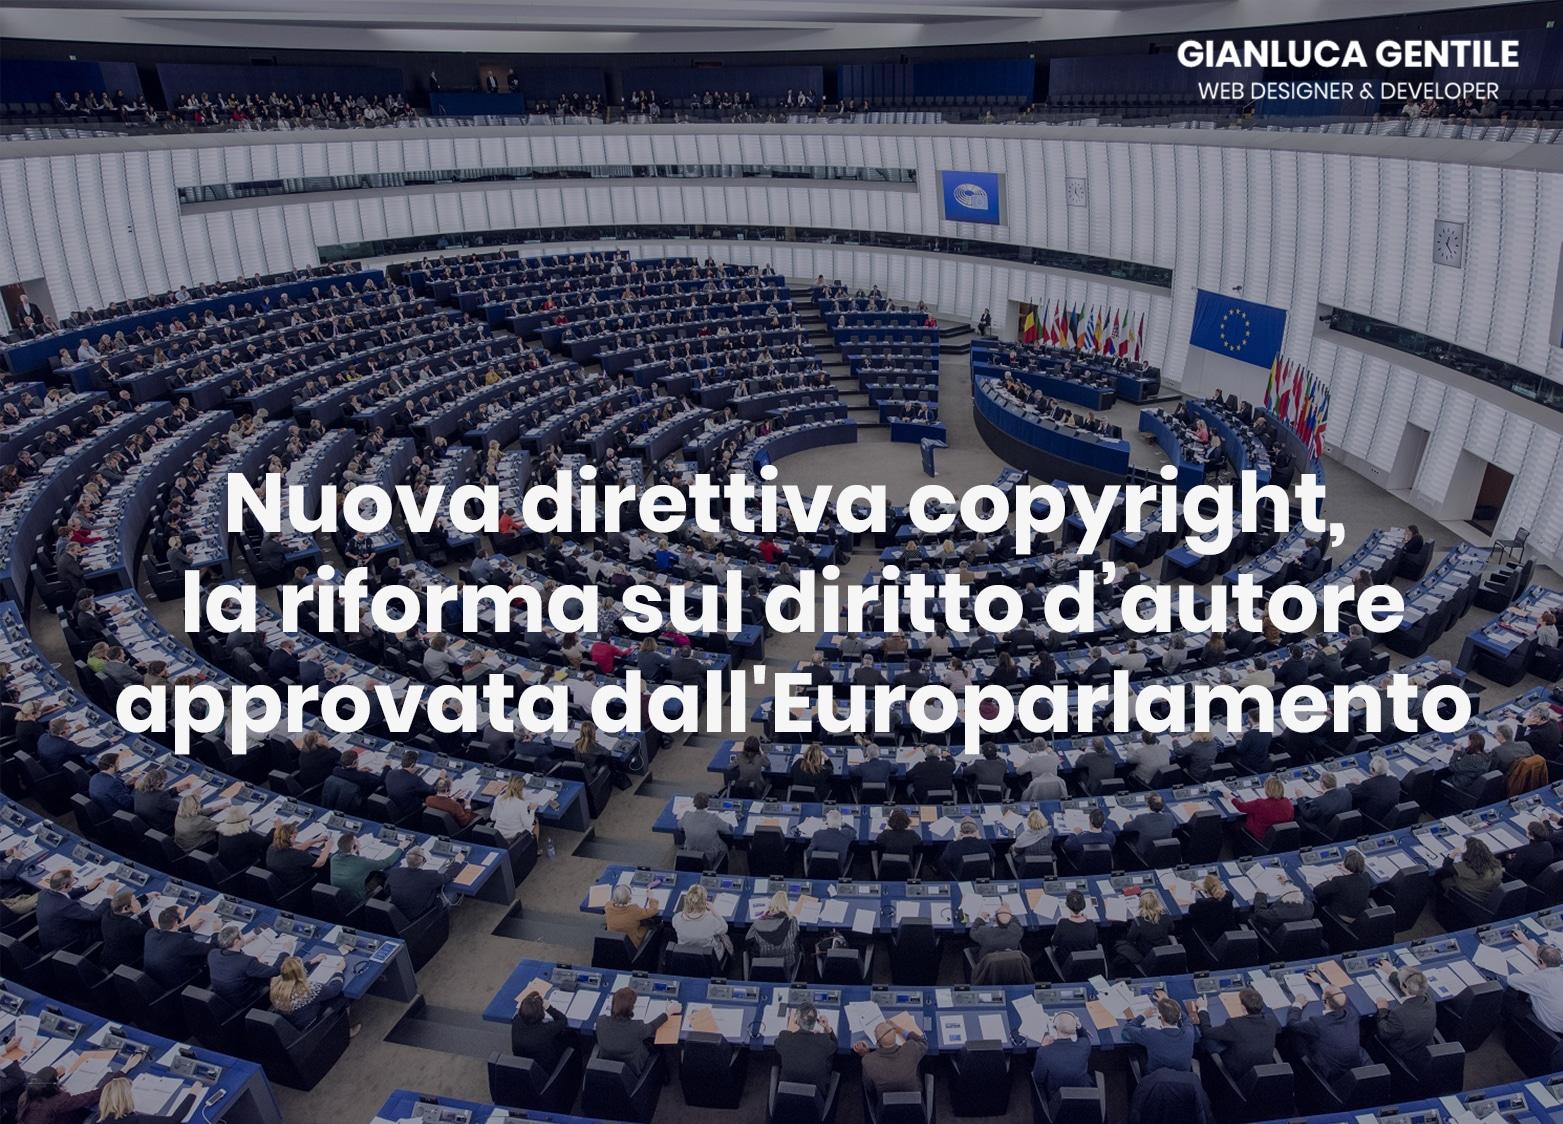 Nuova direttiva copyright, la riforma sul diritto d'autore approvata dall'Europarlamento nuova direttiva copyright - Nuova direttiva copyright la riforma sul diritto d   autore approvata dallEuroparlamento - Nuova direttiva copyright, la riforma sul diritto d'autore approvata dall'Europarlamento